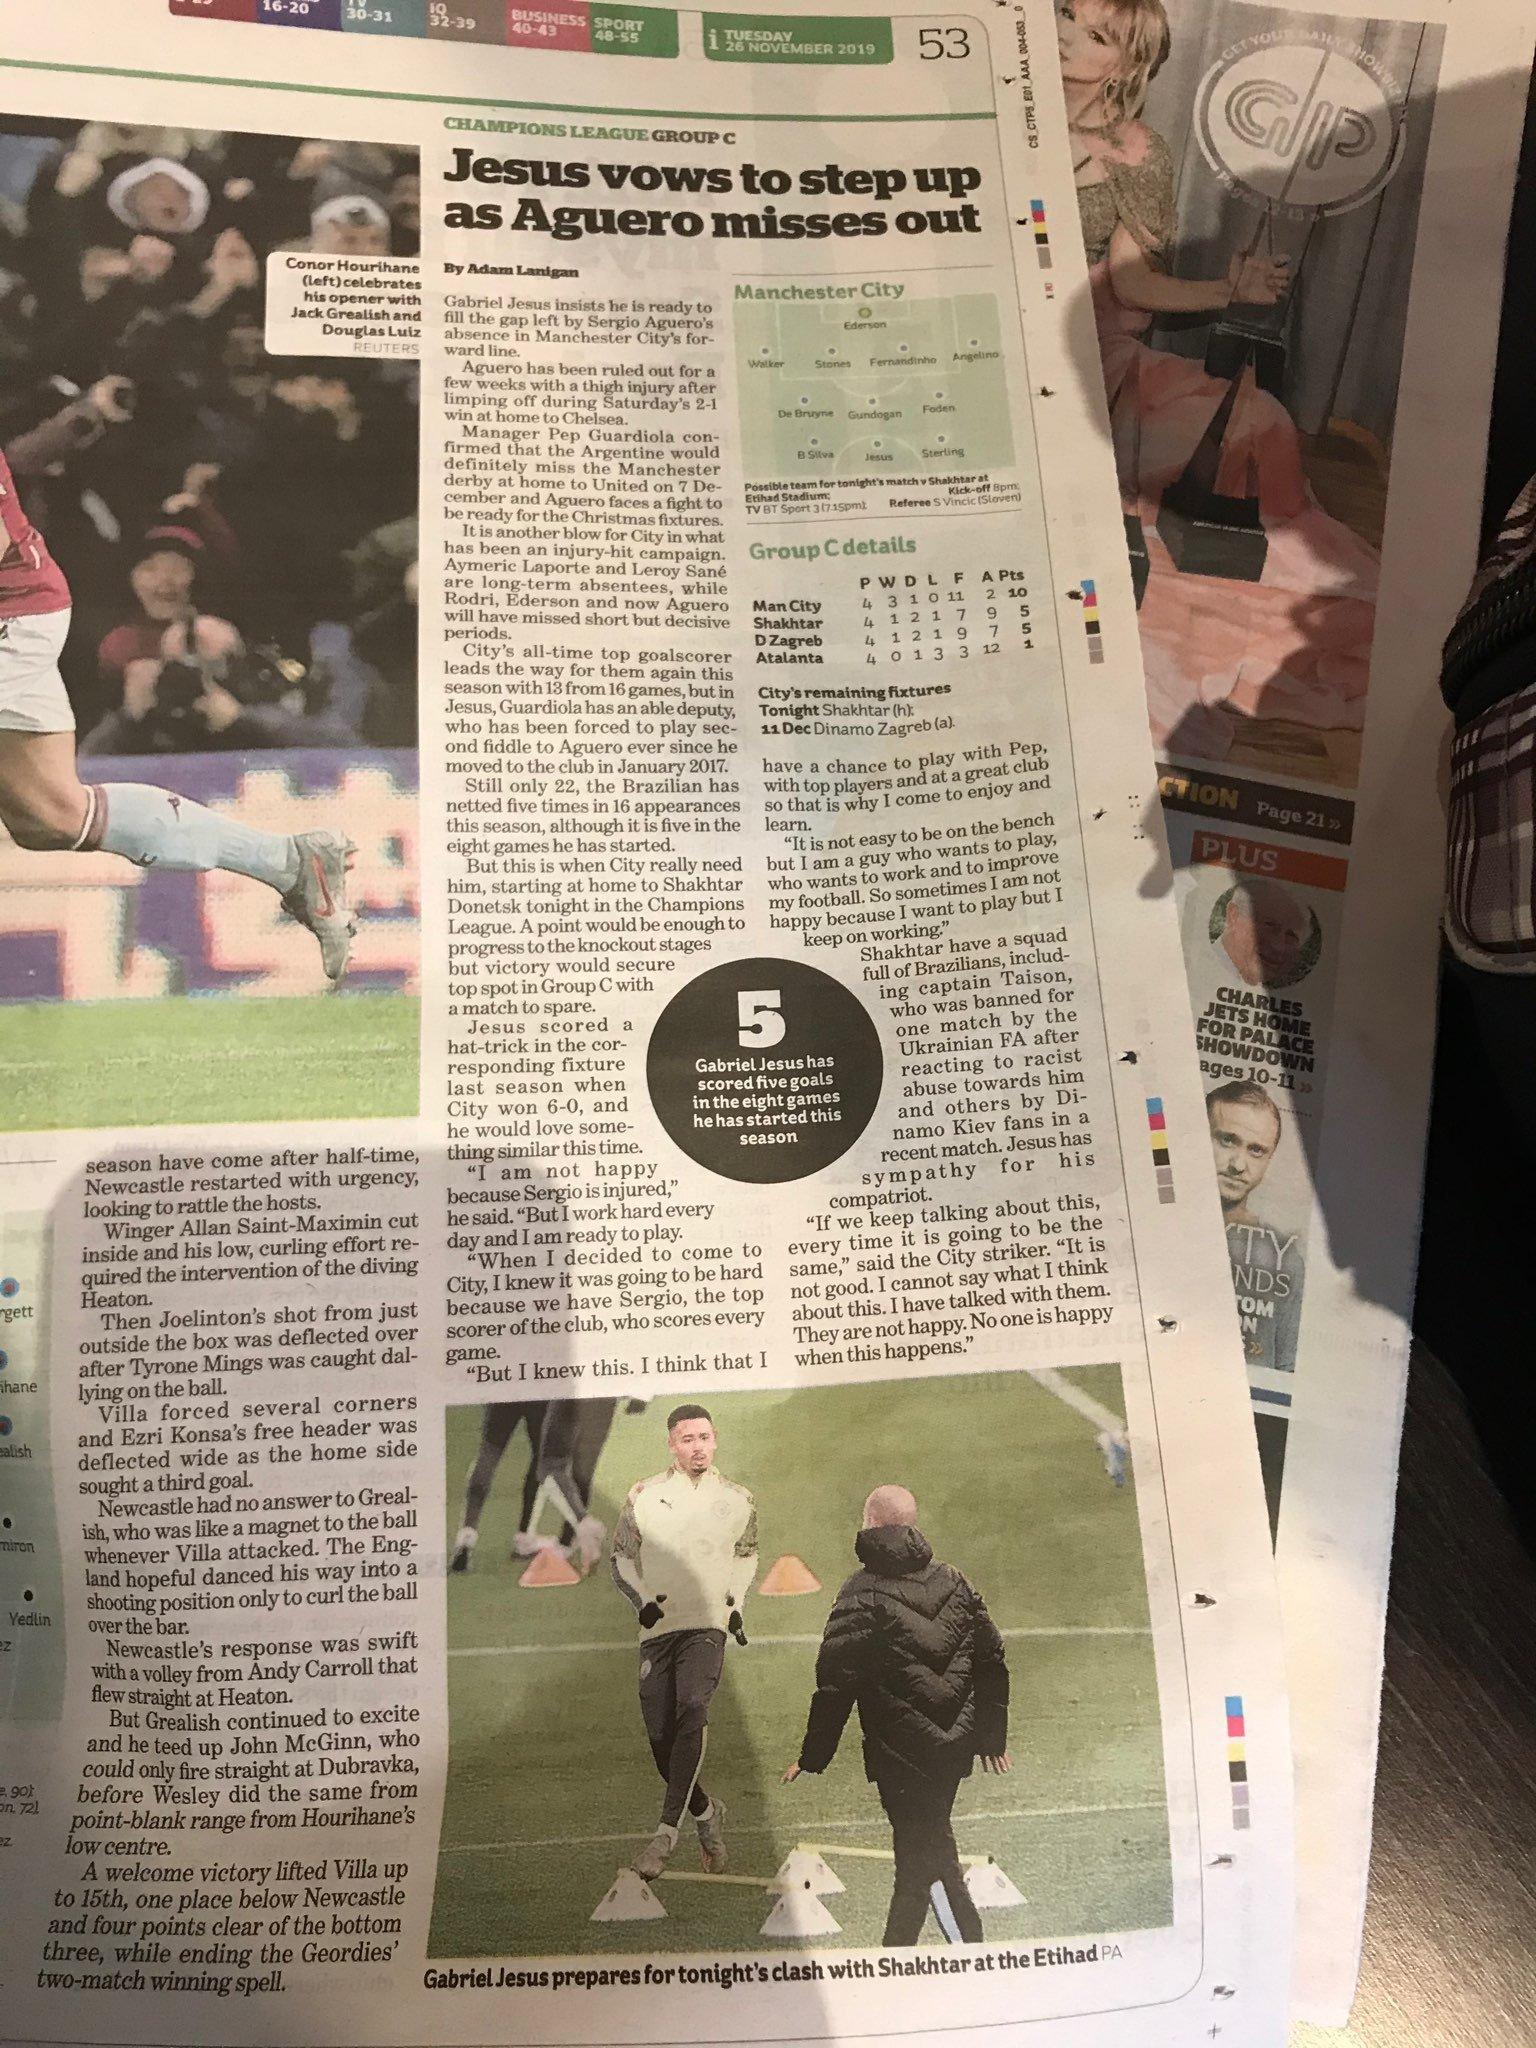 """В тени у """"особенного"""": матч """"Манчестер Сити"""" - """"Шахтер"""" английская пресса почти не заметила (+ Фото) - изображение 4"""